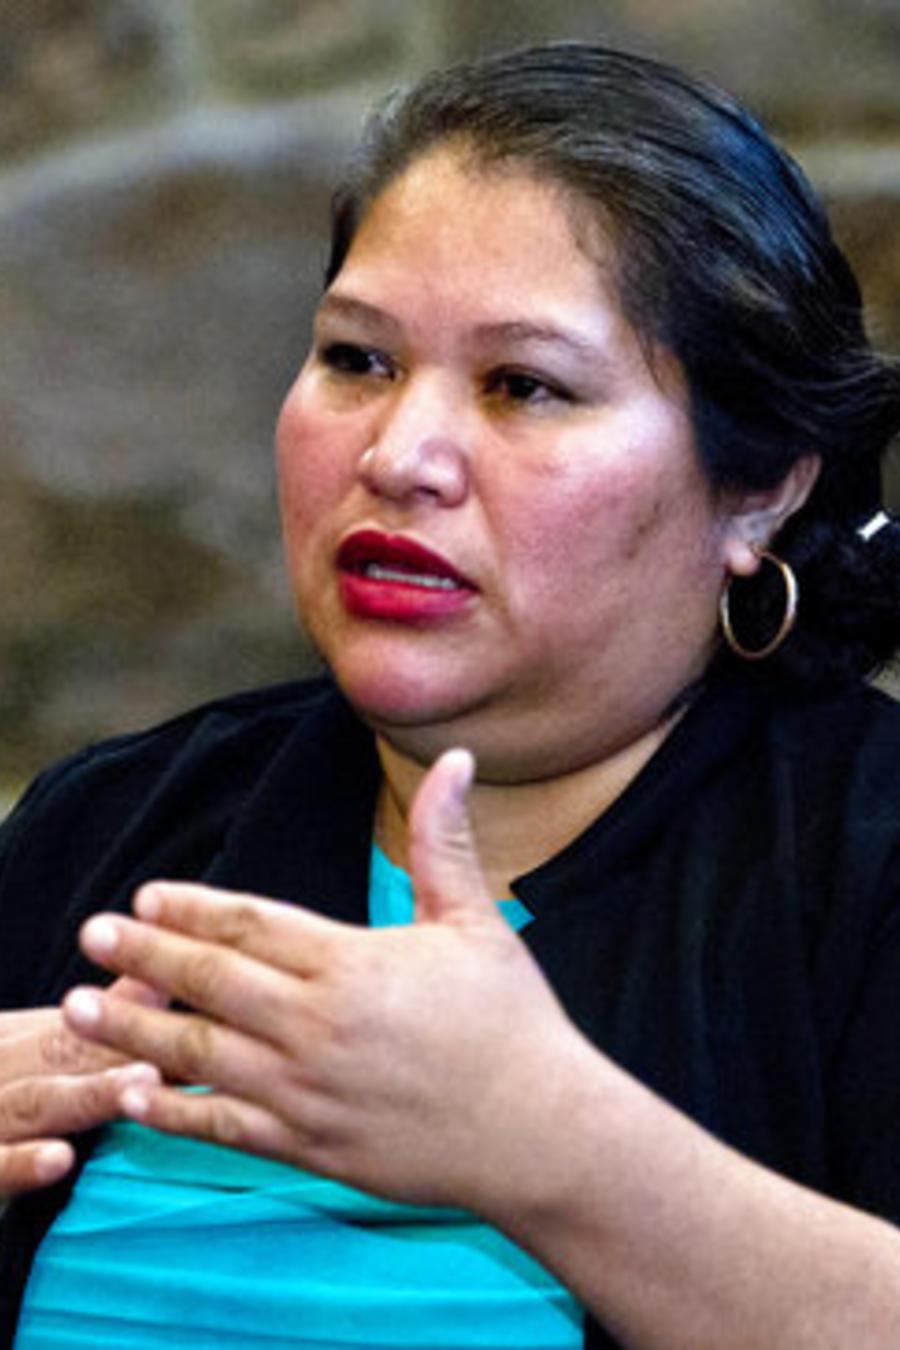 Rosa Gutiérrez López, una salvadoreña sin autorización para vivir en Estados Unidos, en una entrevista con The Associatated press (imagen de archivo).